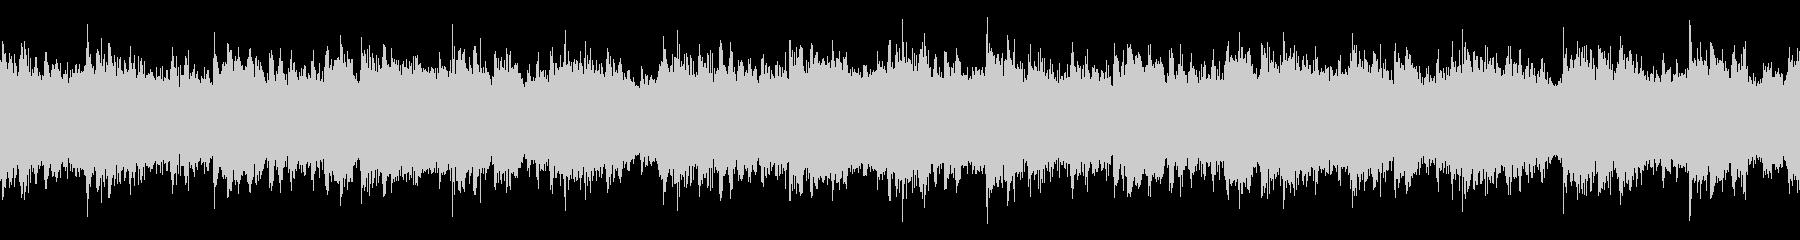 壮大な雰囲気の楽曲(Loop-02)の未再生の波形